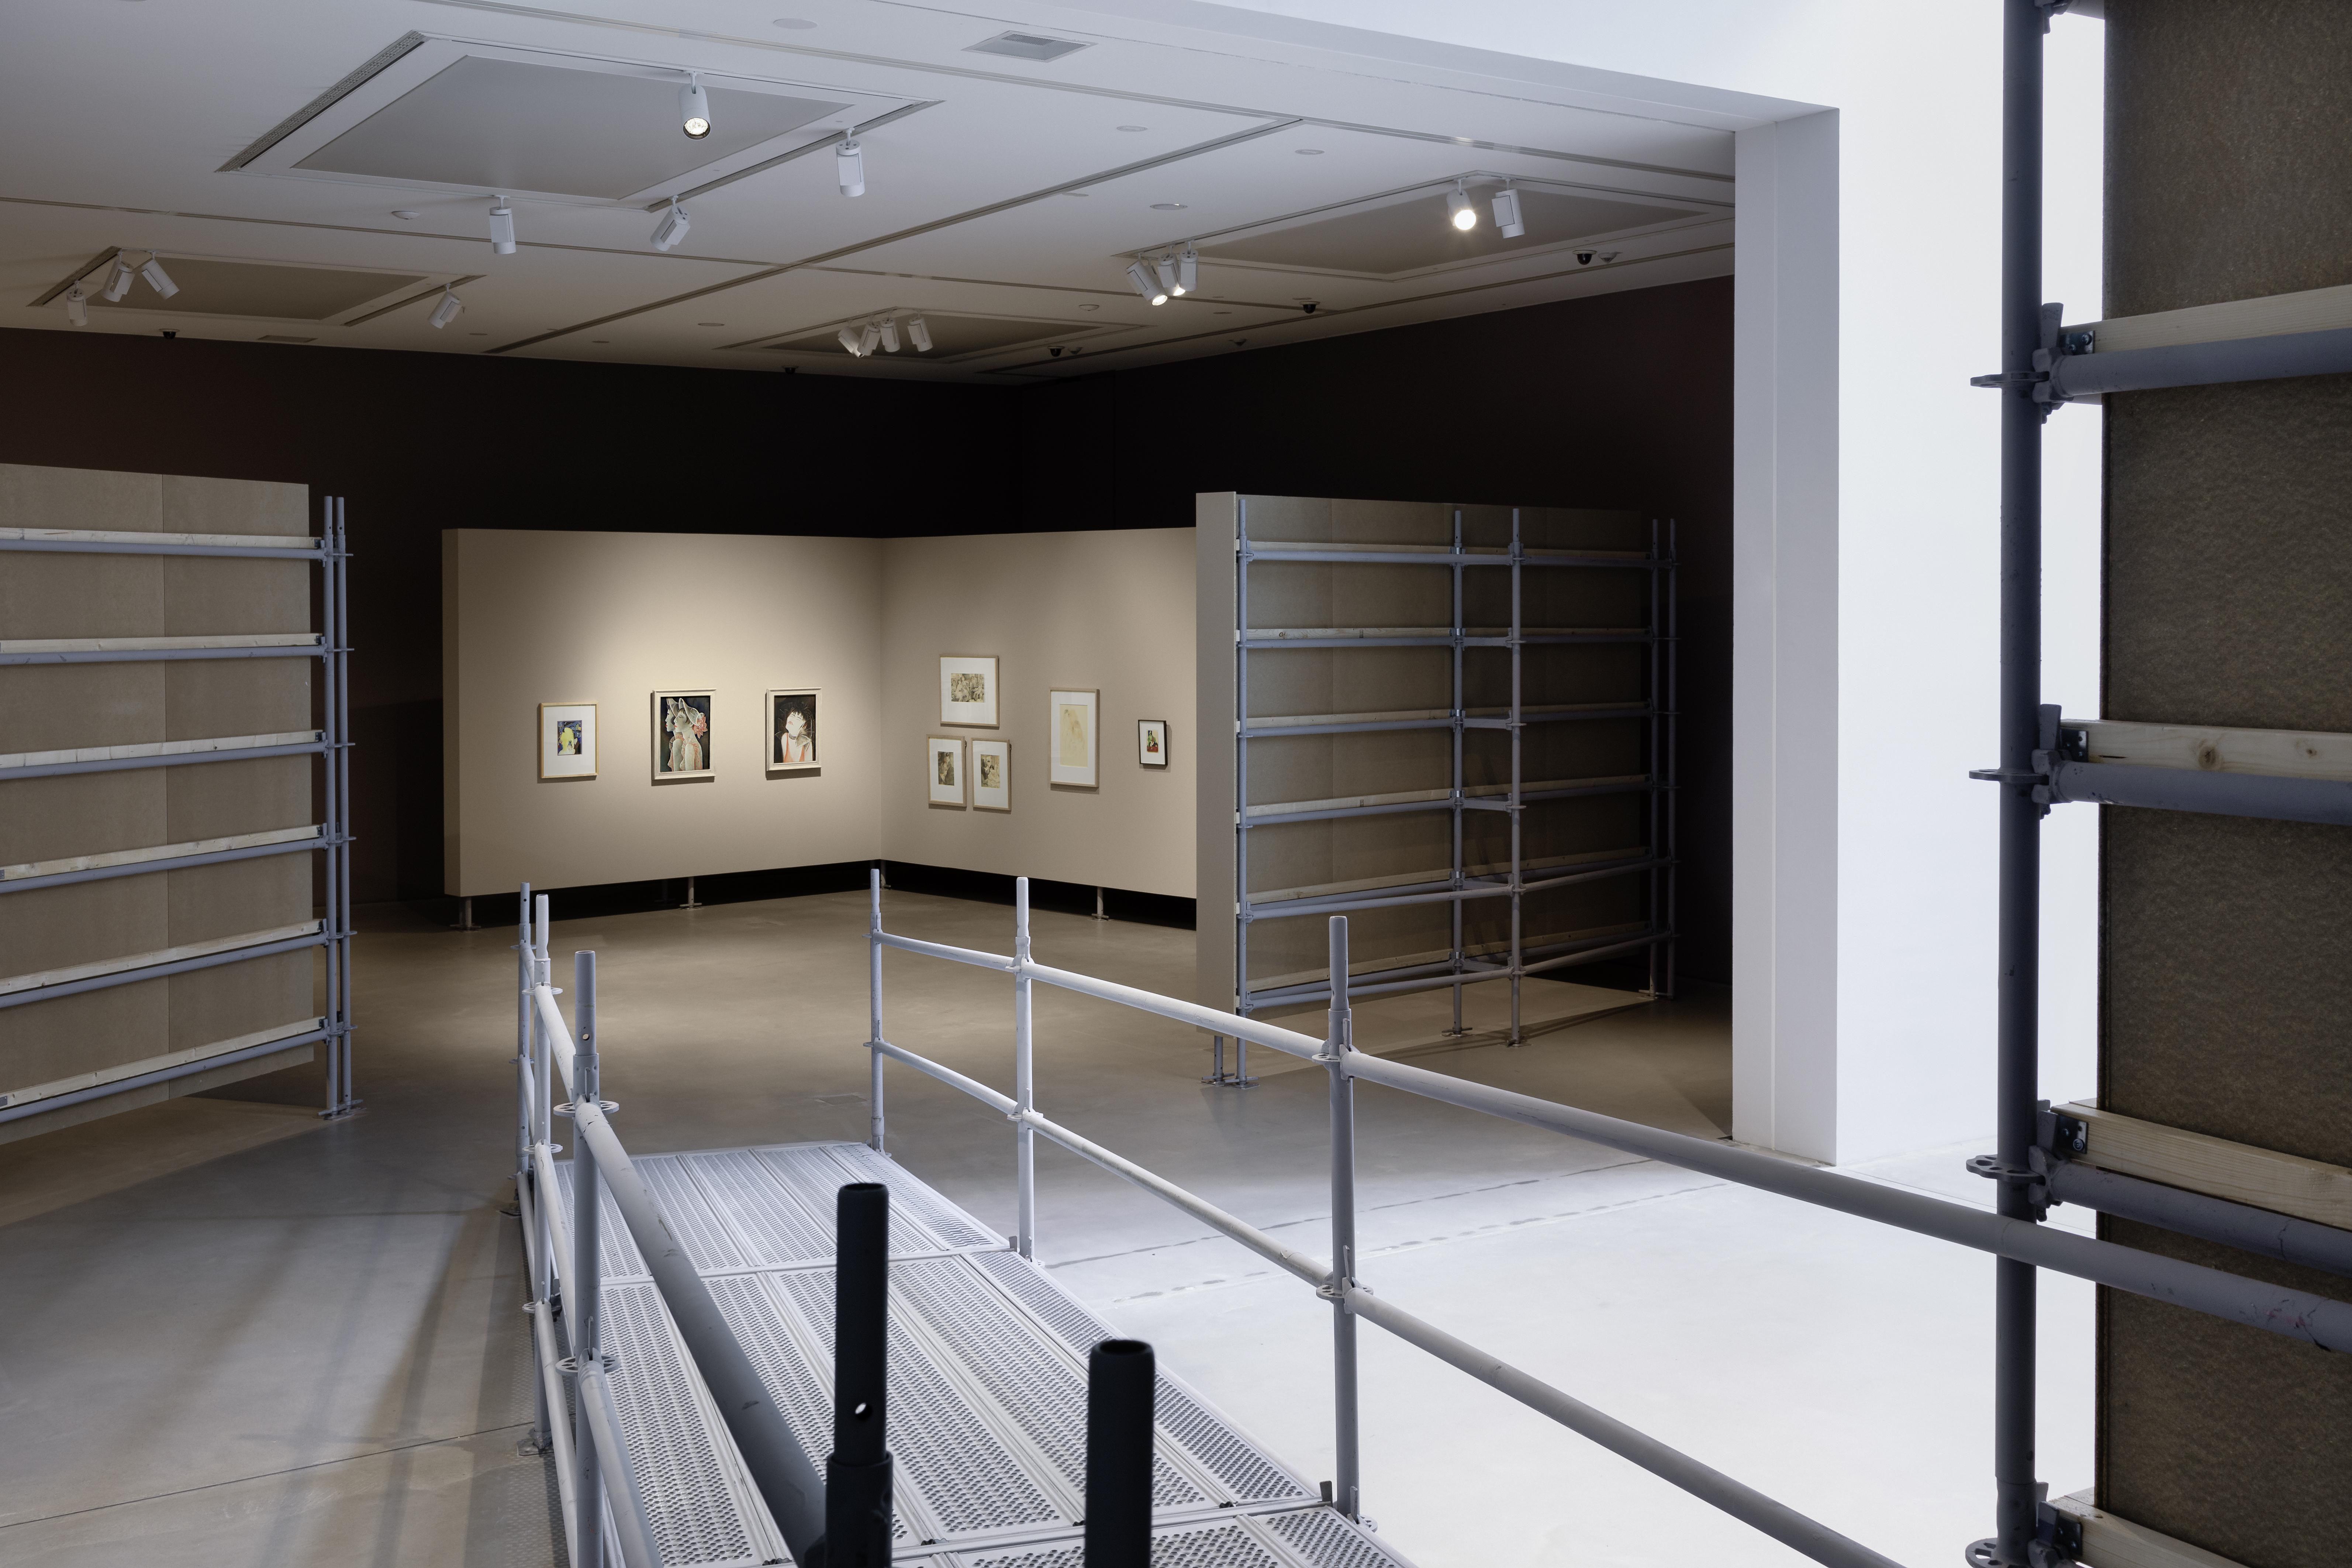 """Installationsansicht in der Ausstellung """"Umbruch"""" mit Werken von Jeanne Mammen, Kunsthalle Mannheim, 2020, Kunsthalle Mannheim/Foto: Rainer Diehl © VG Bild-Kunst, Bonn 2020"""